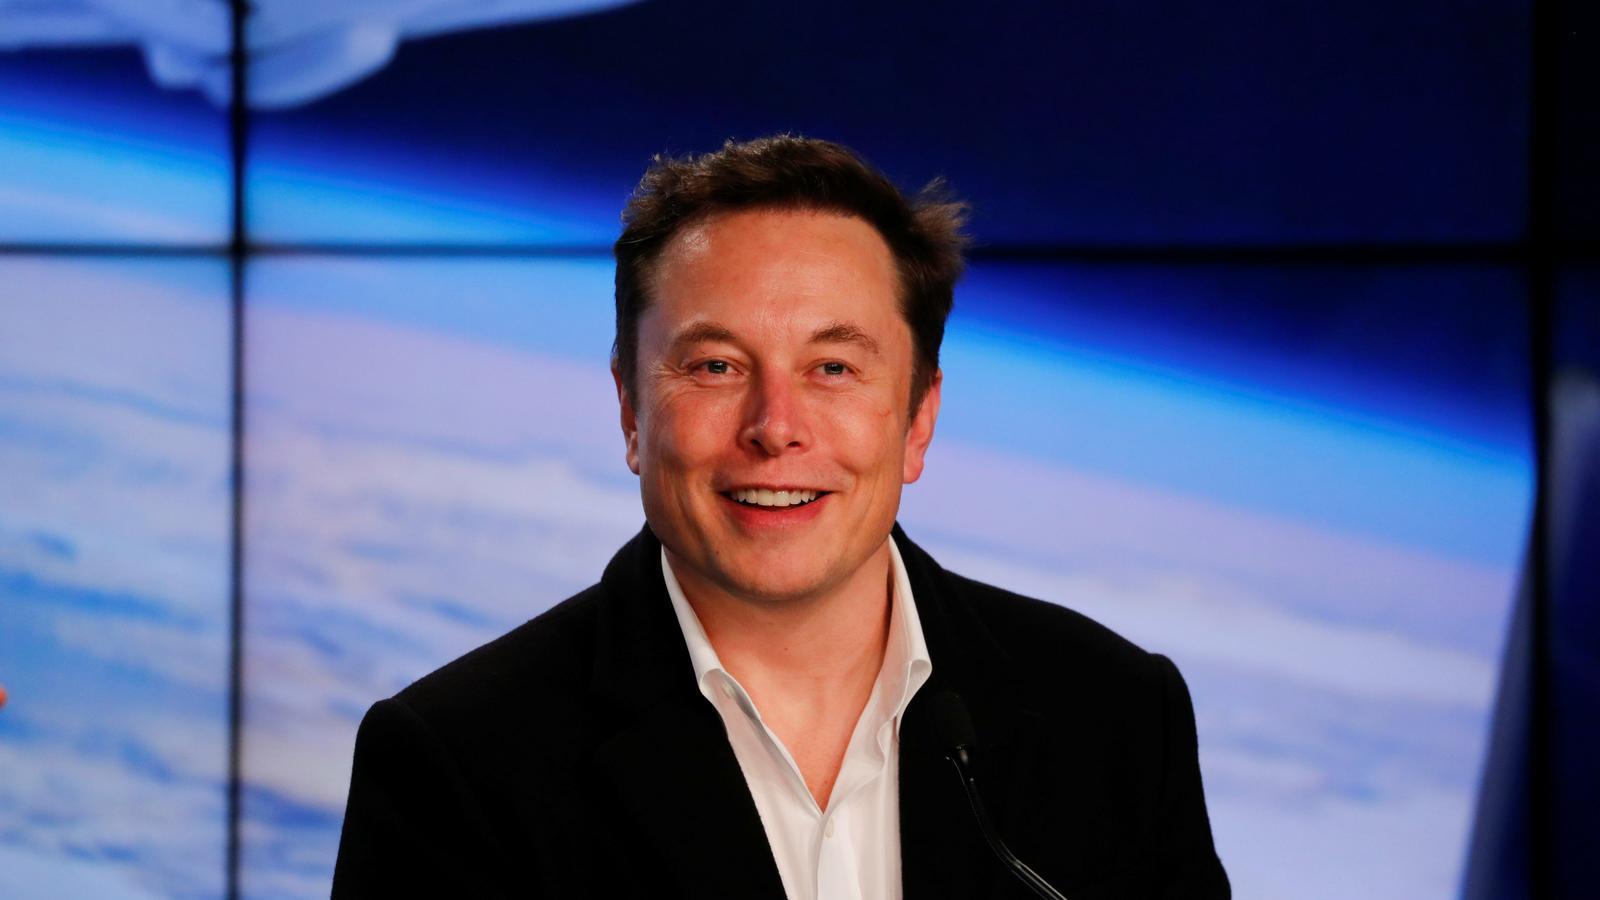 El multimilionari Elon Musk, propietari d'SpaceX, aconsegueix fer enlairar un coet per a astronautes